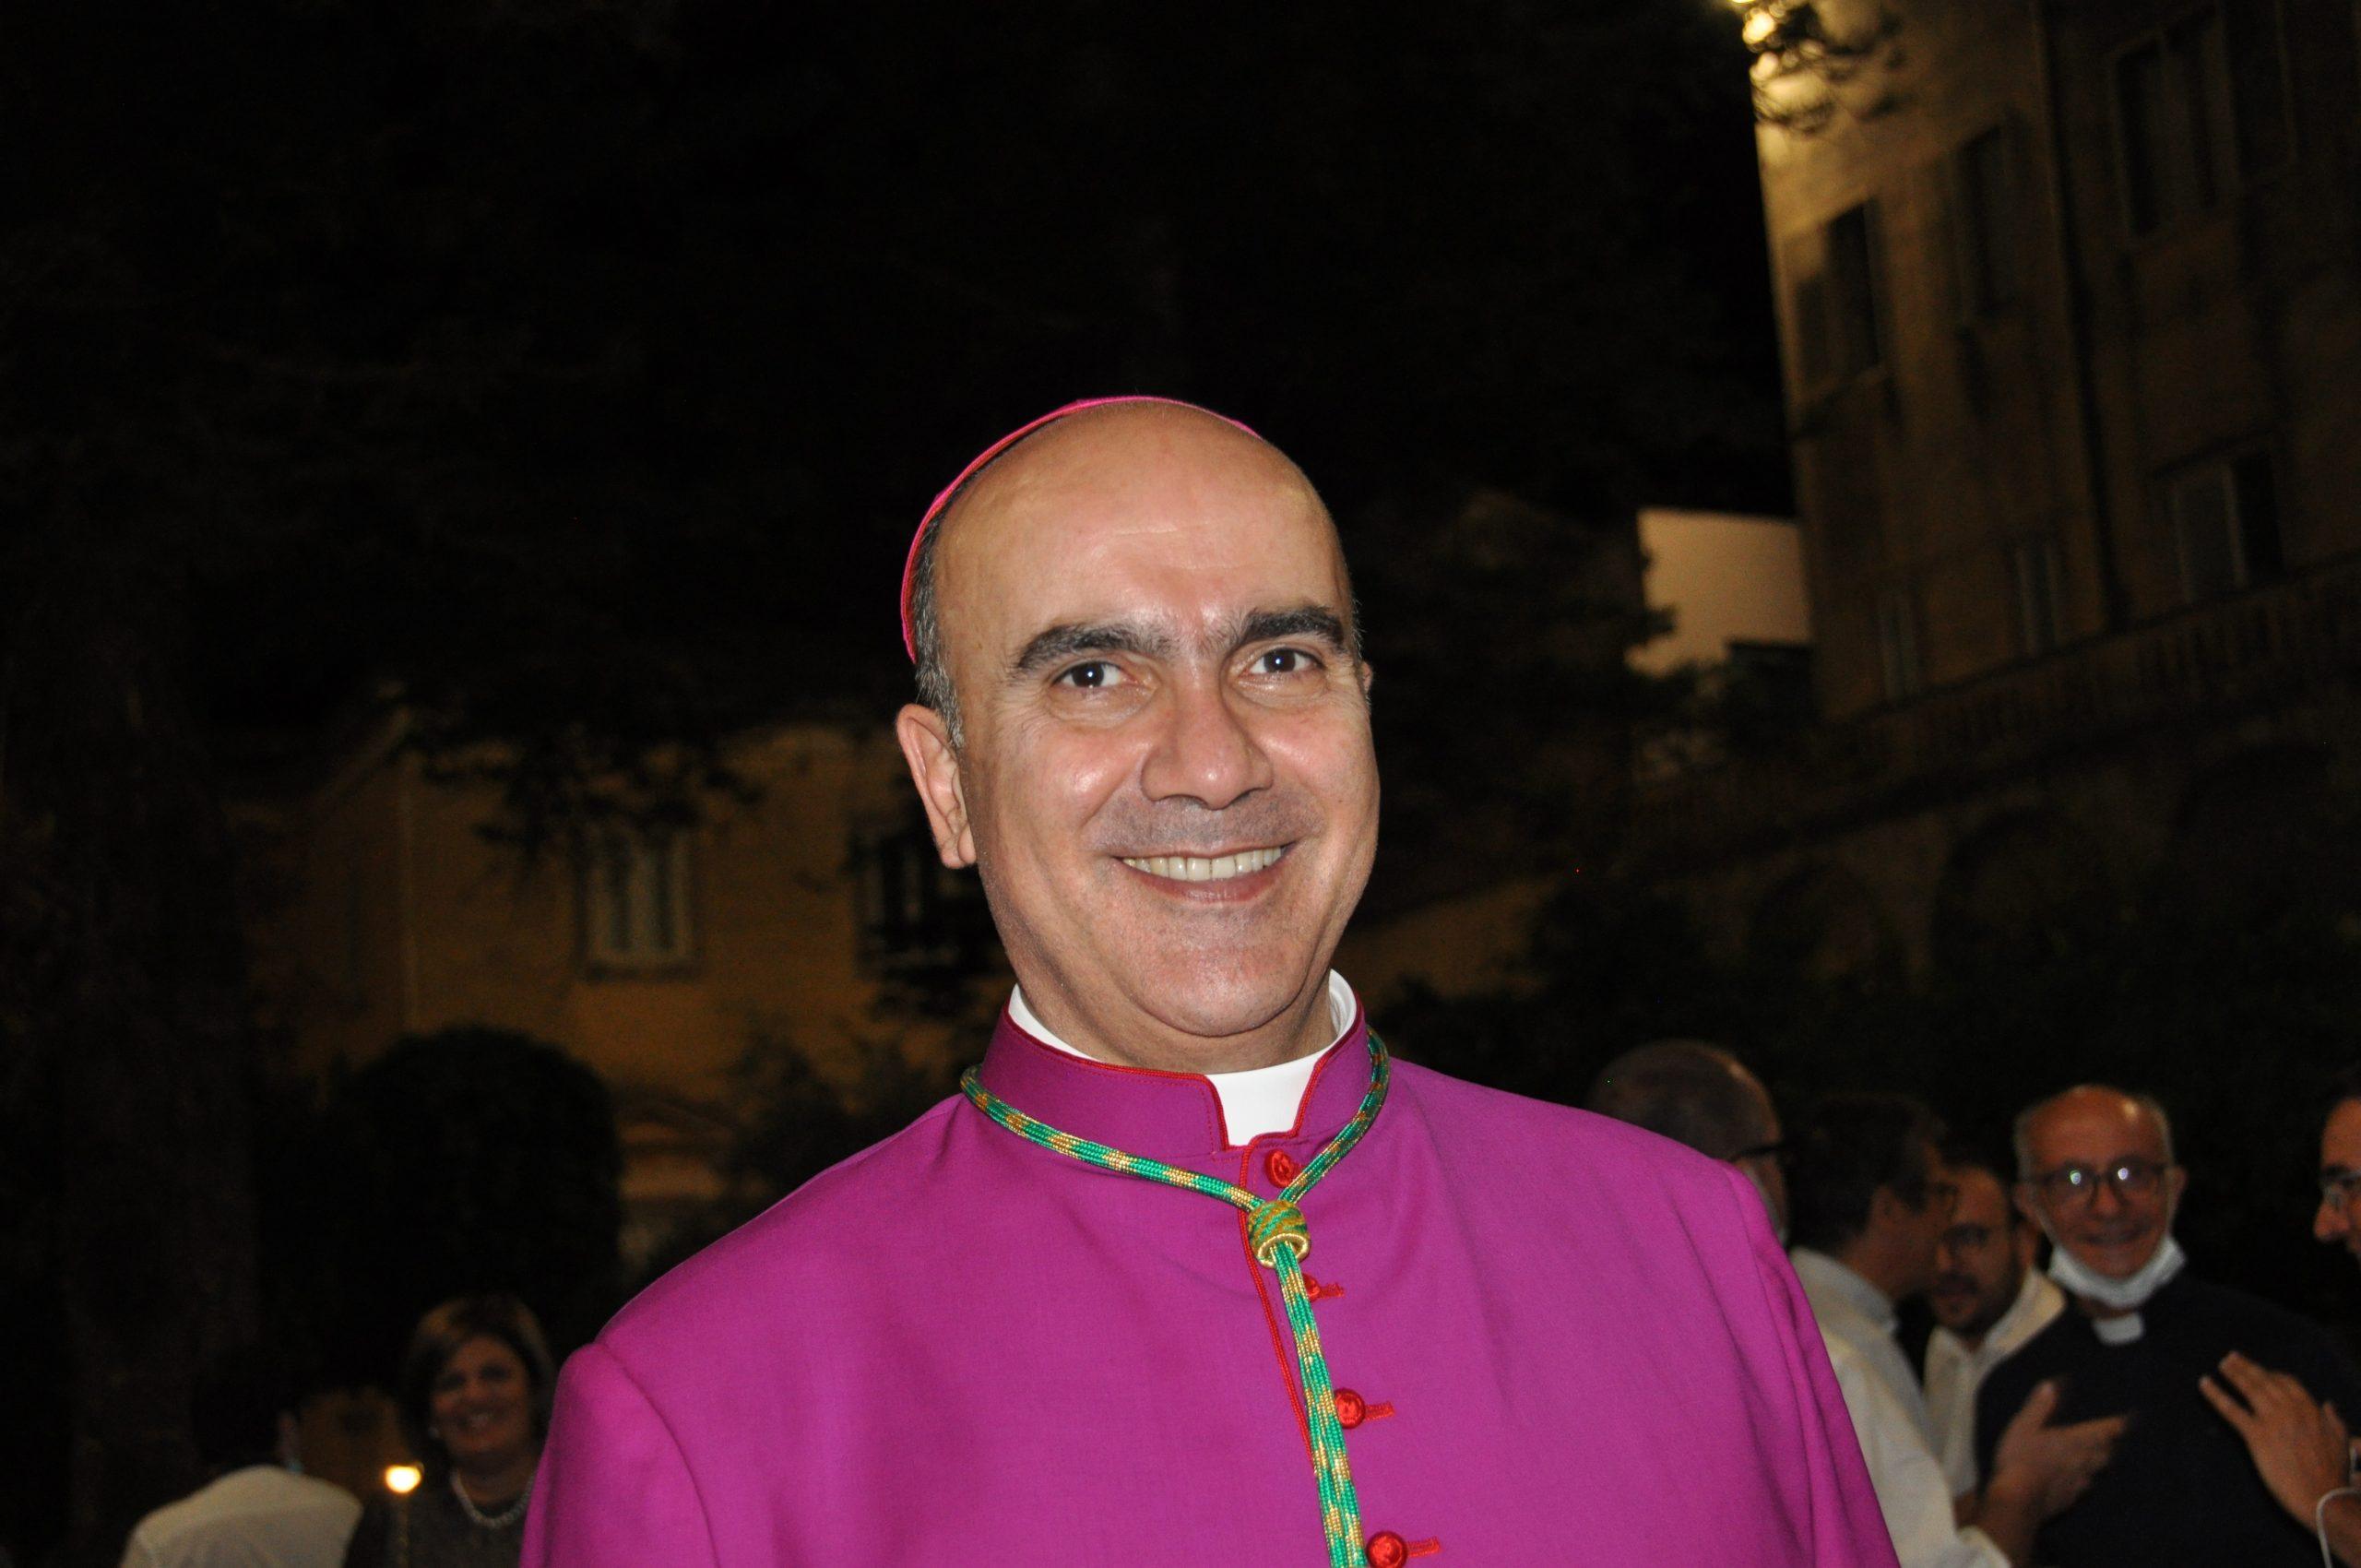 Il vescovo La Placa torna in Cattedrale. Celebrerà venerdì con monsignor Russotto DSC_0435-scaled